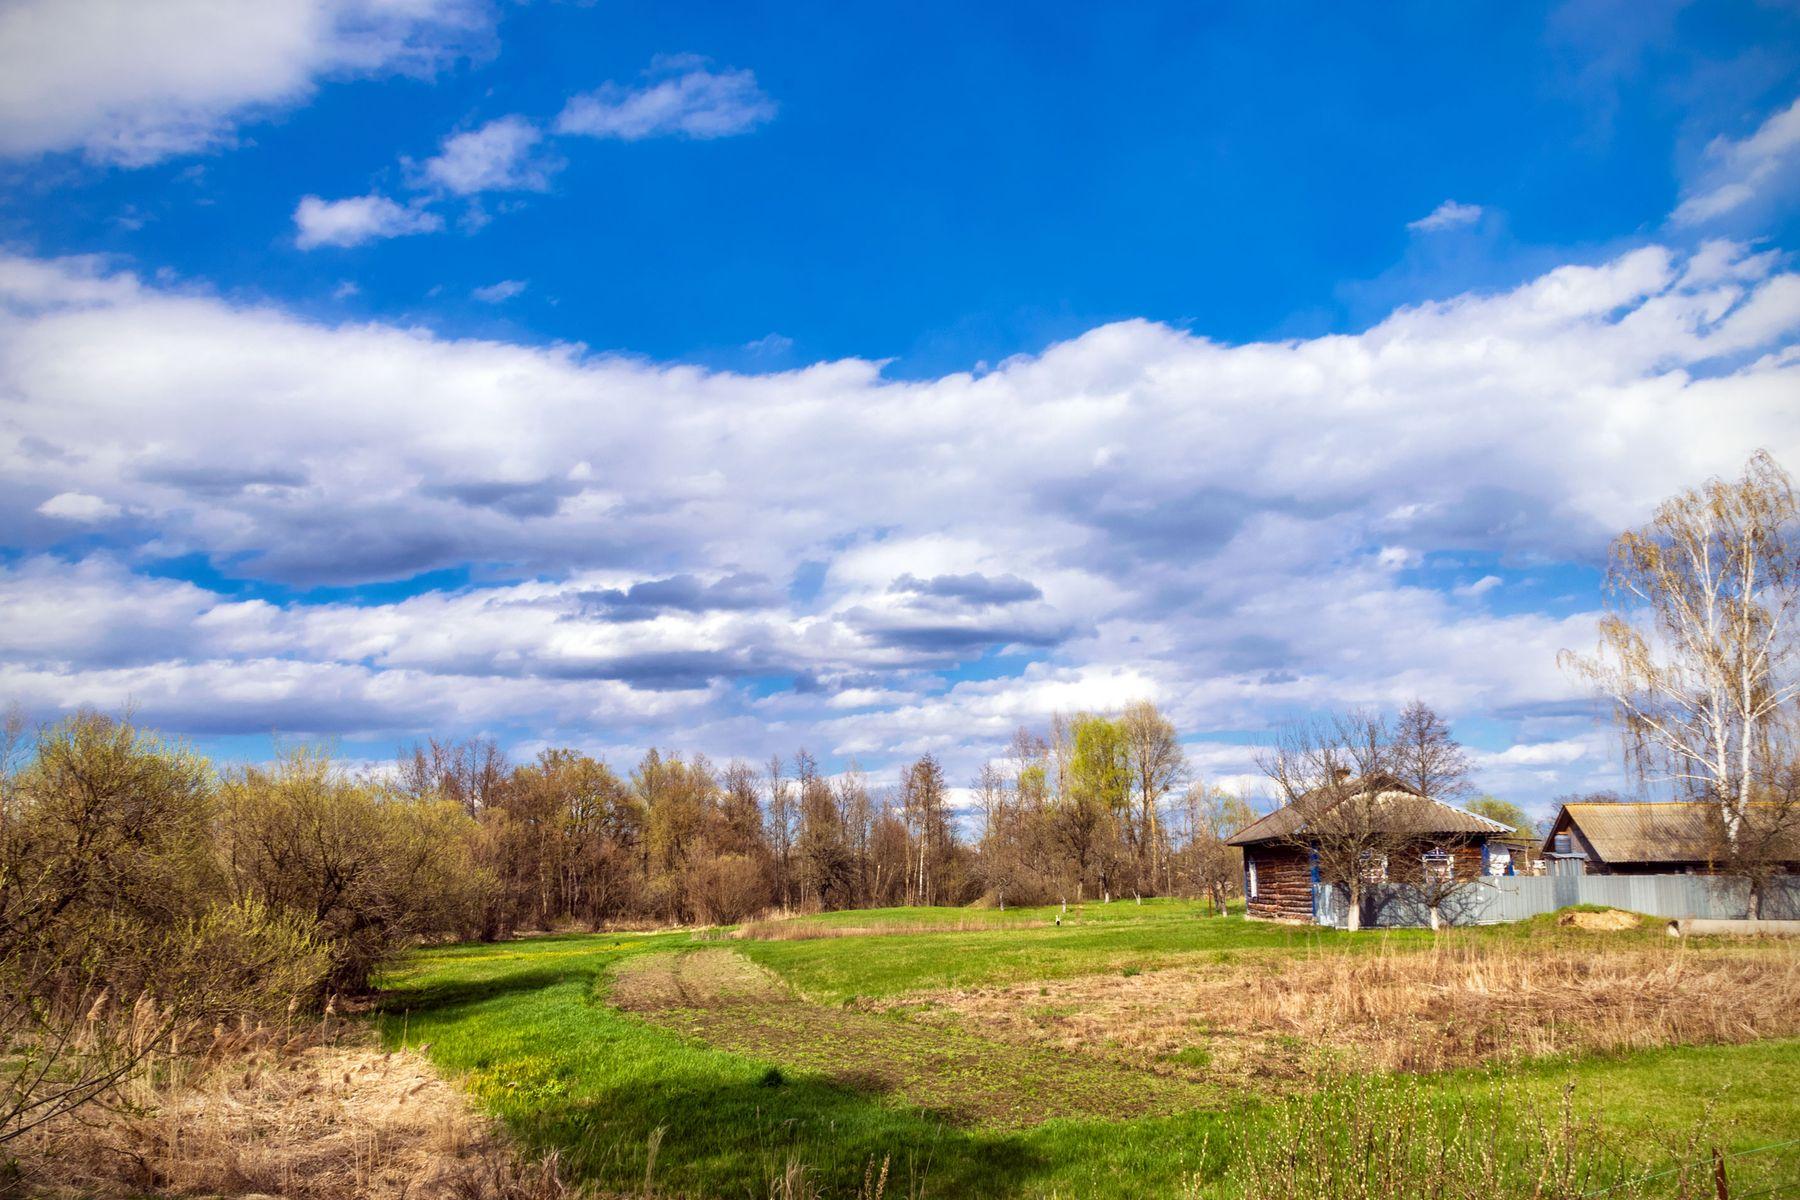 Домик на опушке ДОм небо весна трава облака